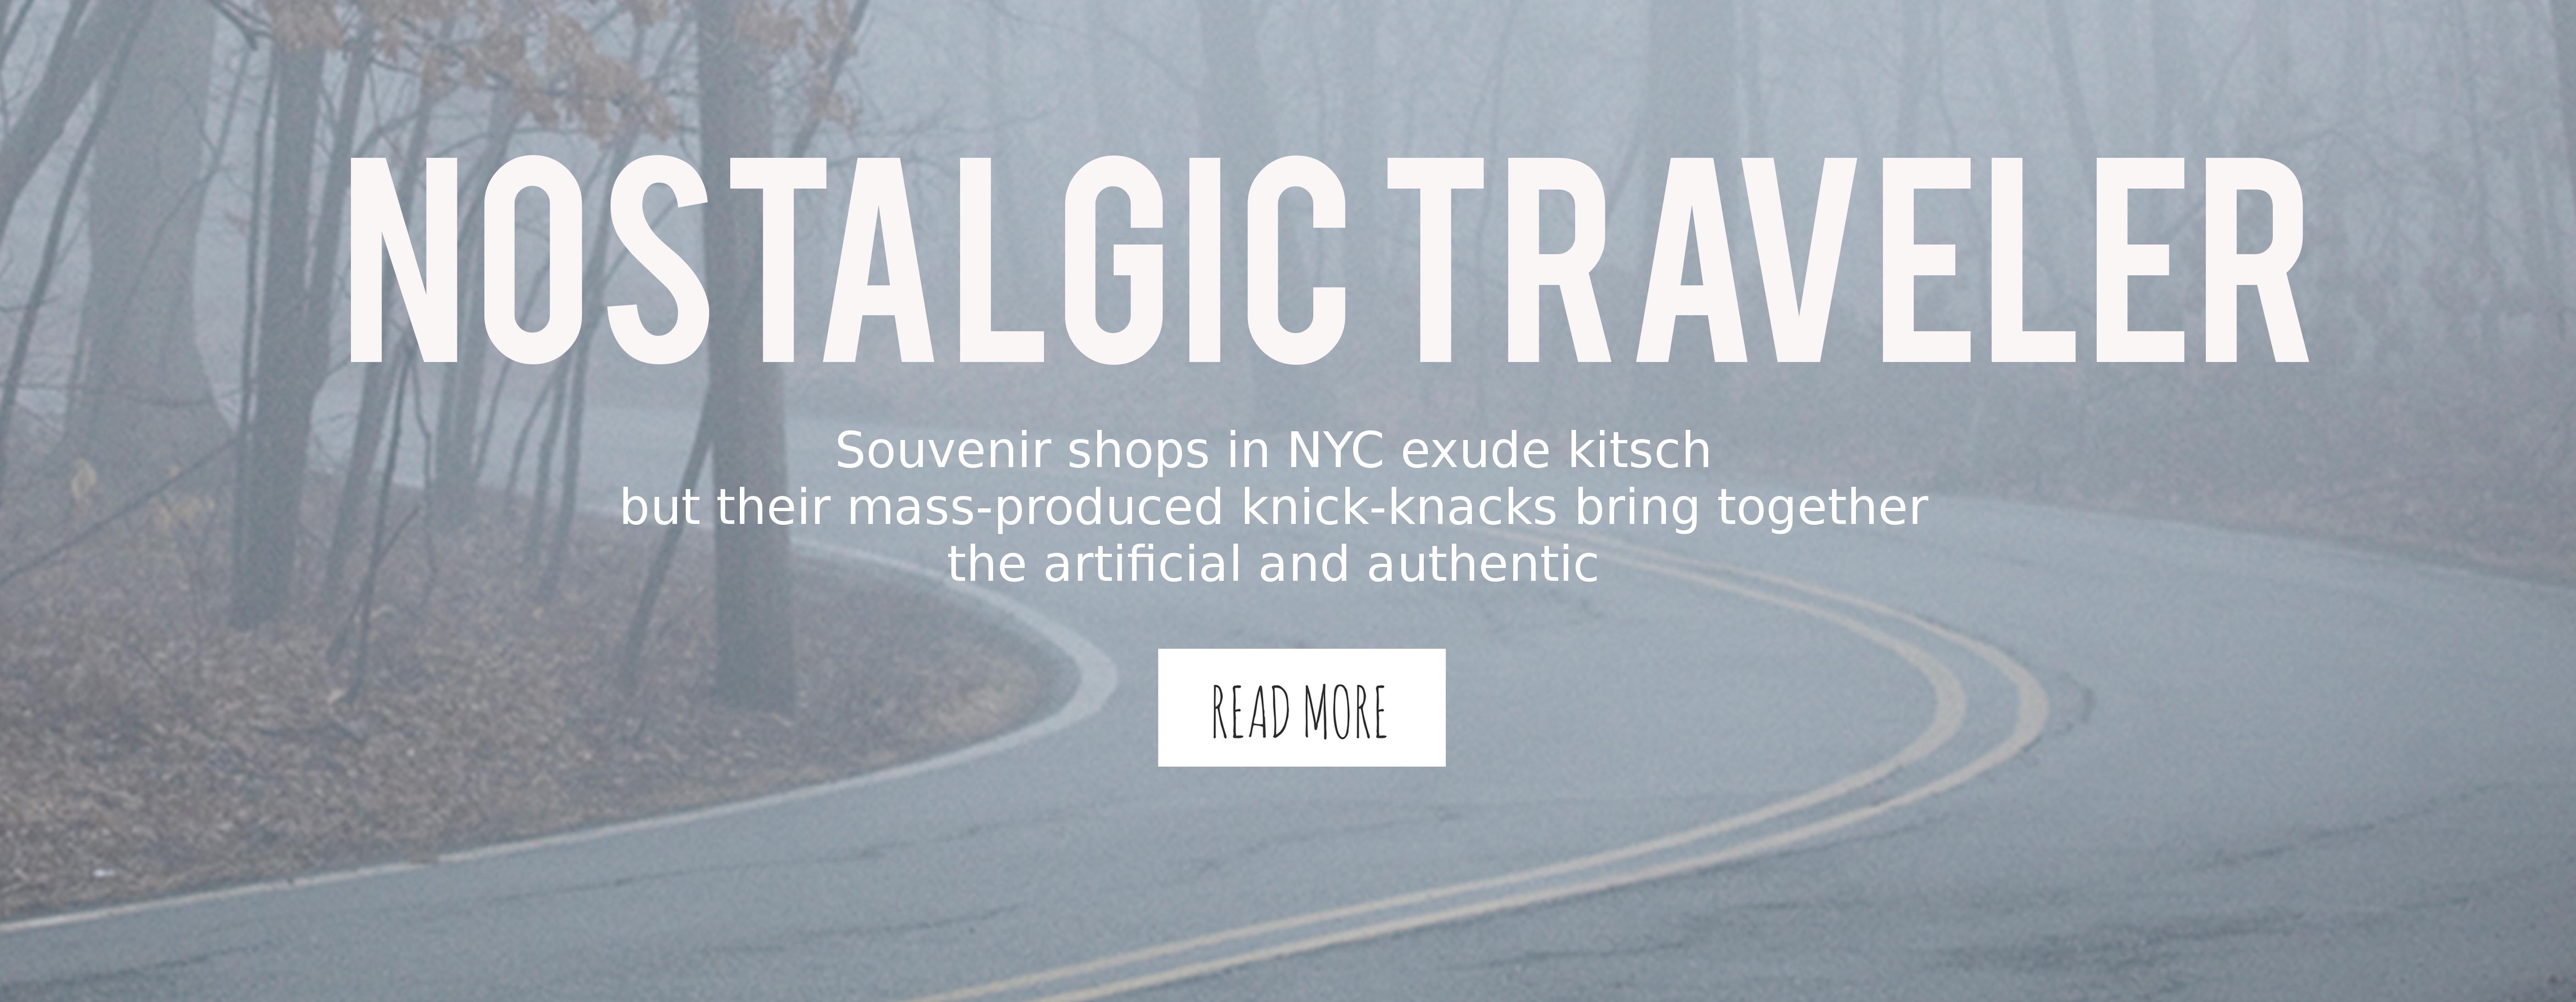 nostalgic-traveler